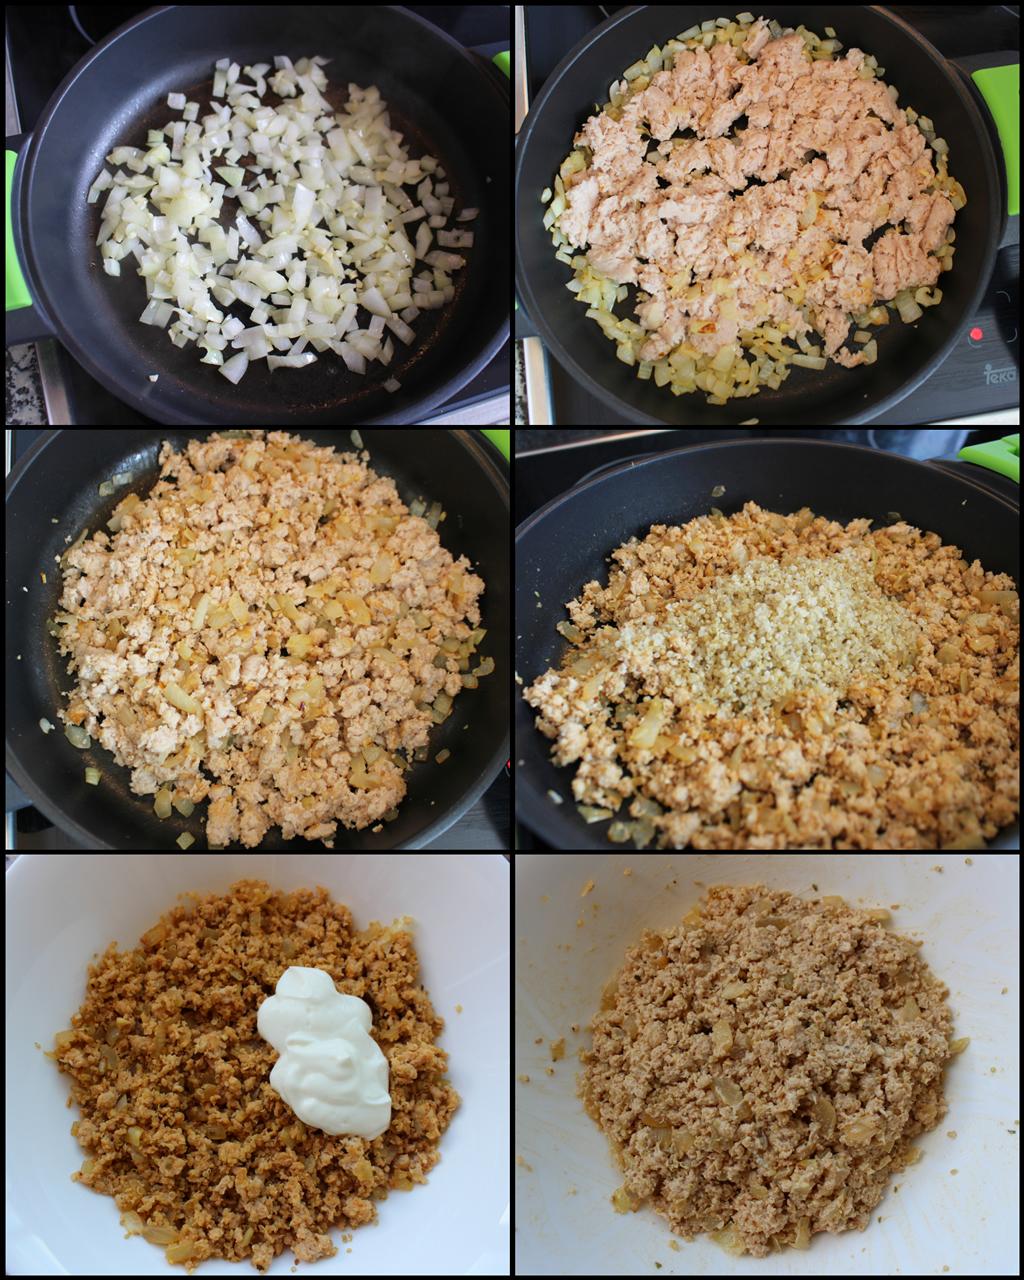 Rollitos de Col Rellenos Fit (hojas de repollo con carne y quinoa) (preparación del relleno)